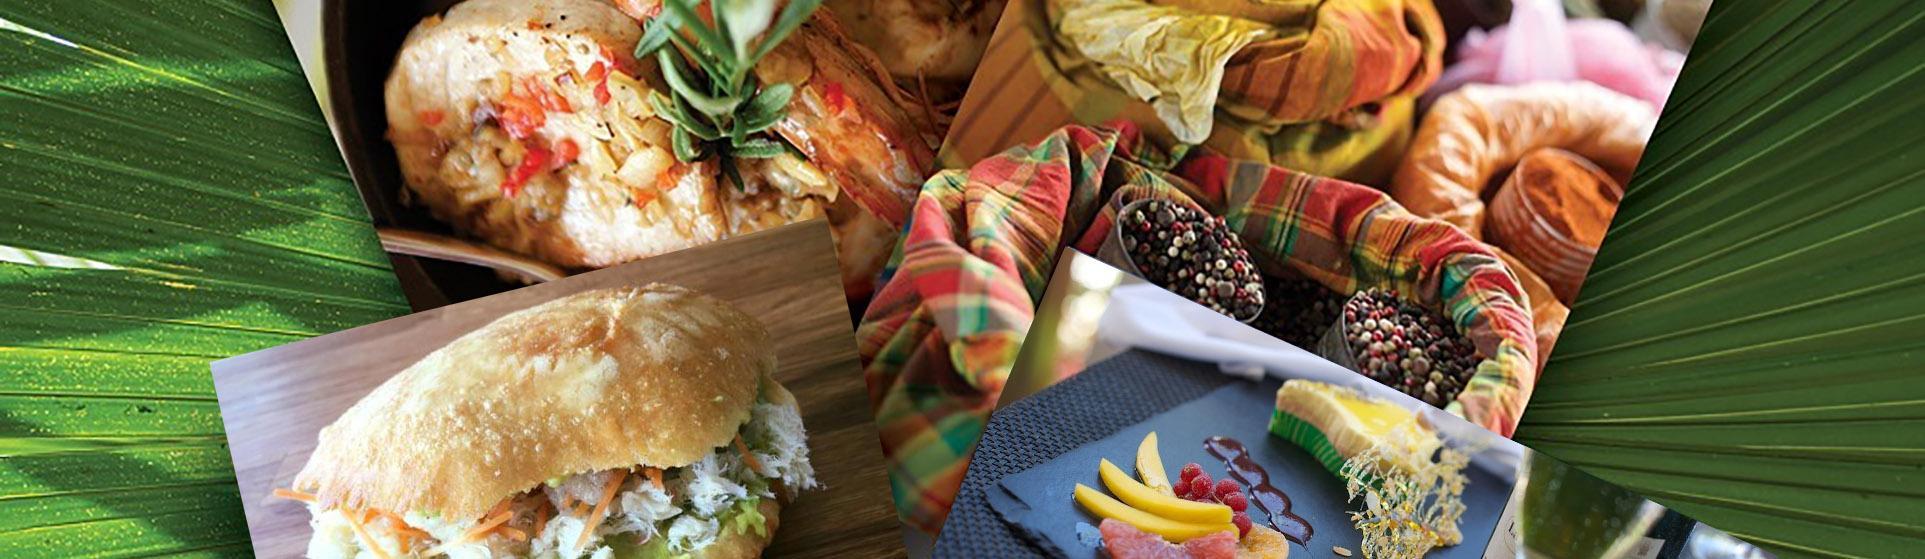 Ungewöhnlich Küstenküchenschränke Bilder - Ideen Für Die Küche ...